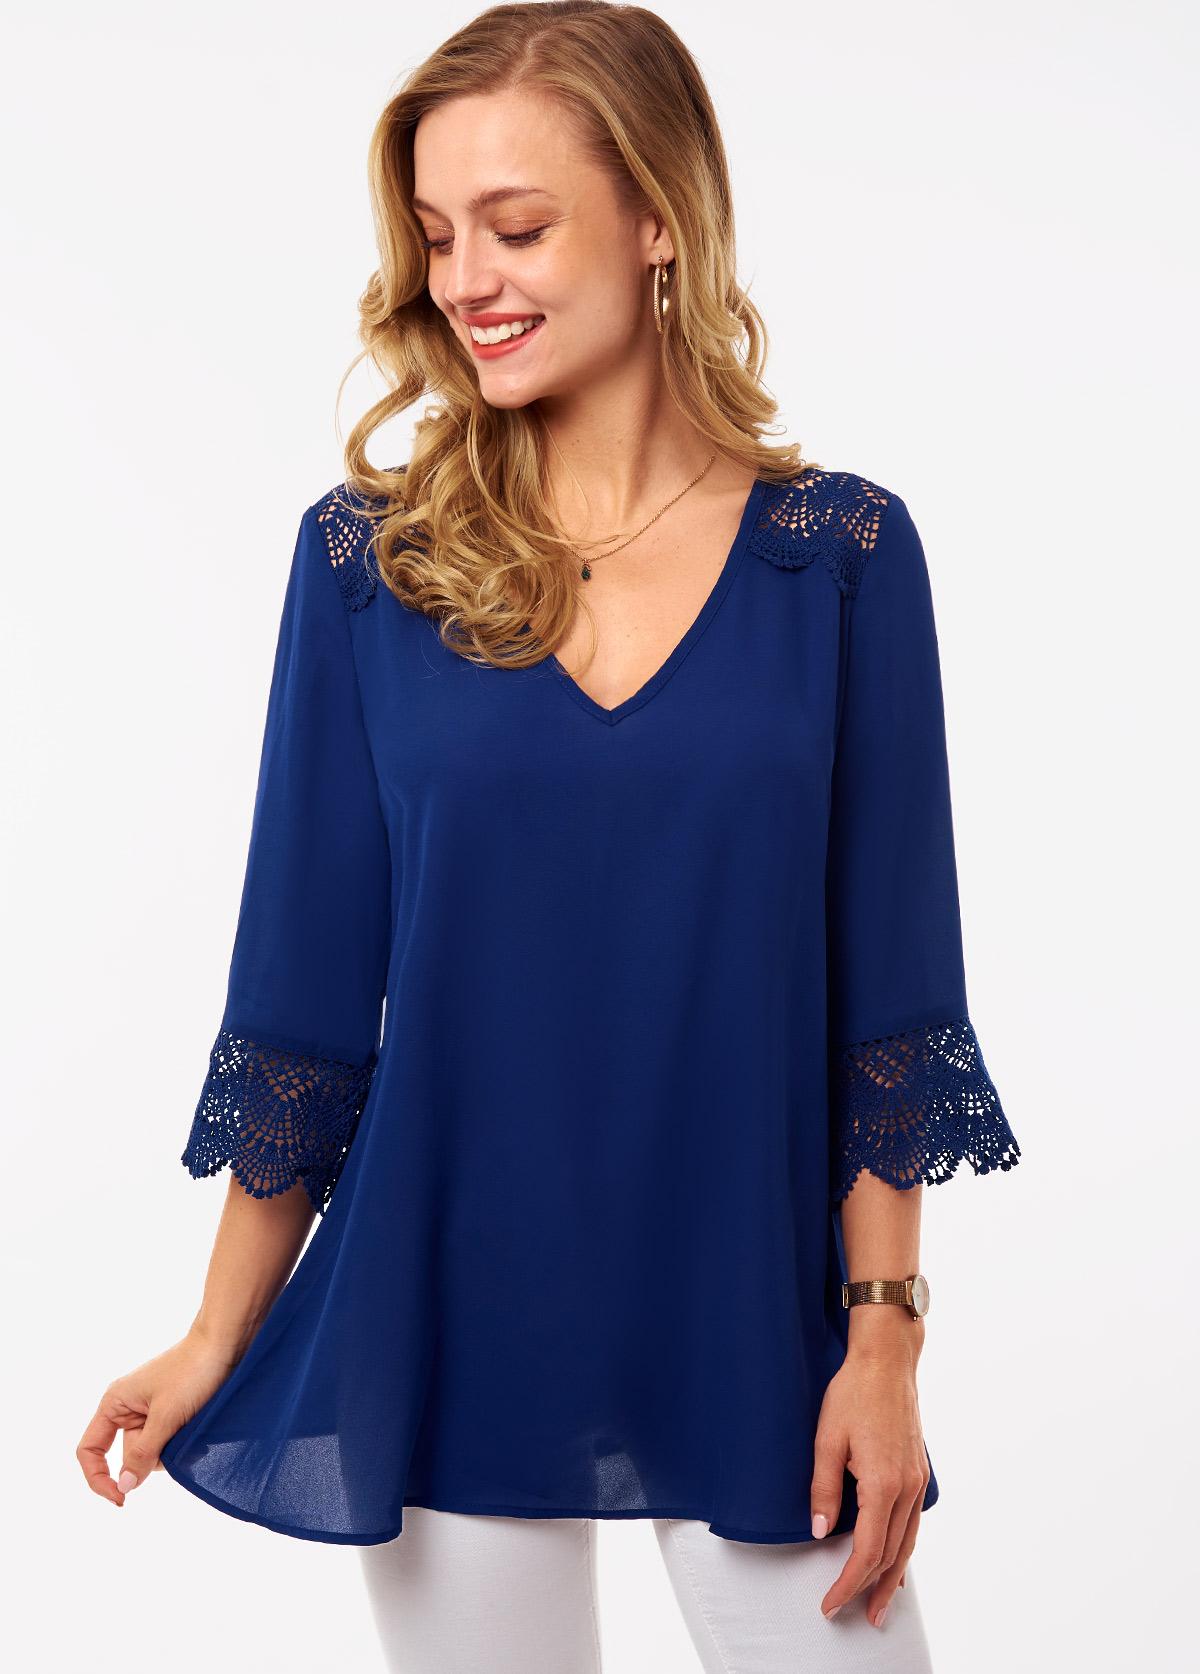 ROTITA Lace Stitching V Neck 3/4 Sleeve Blouse